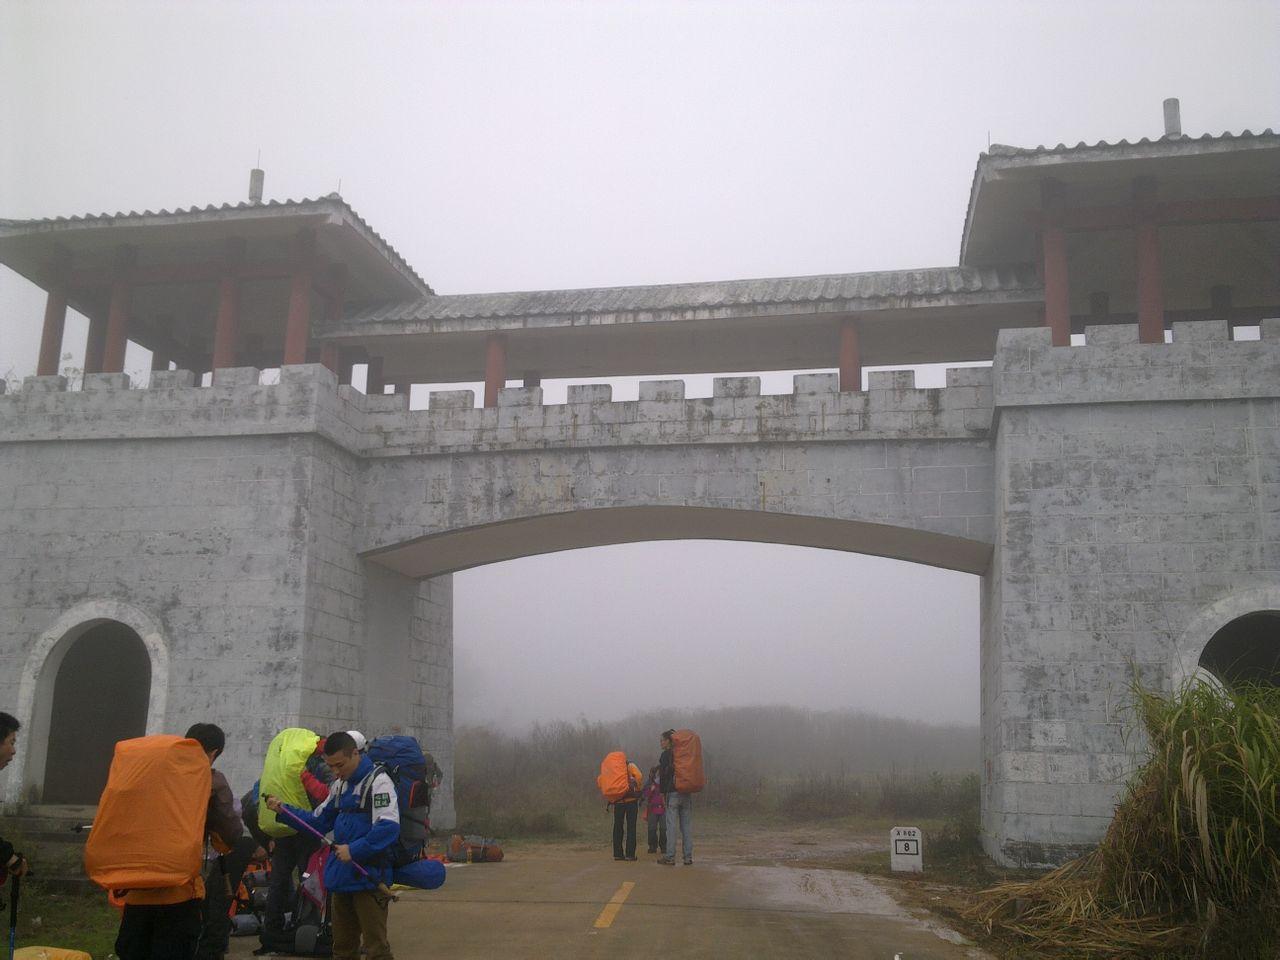 韶关市区50公里,而风景区南缘距韶关则不足15公里.中国红石高清图片